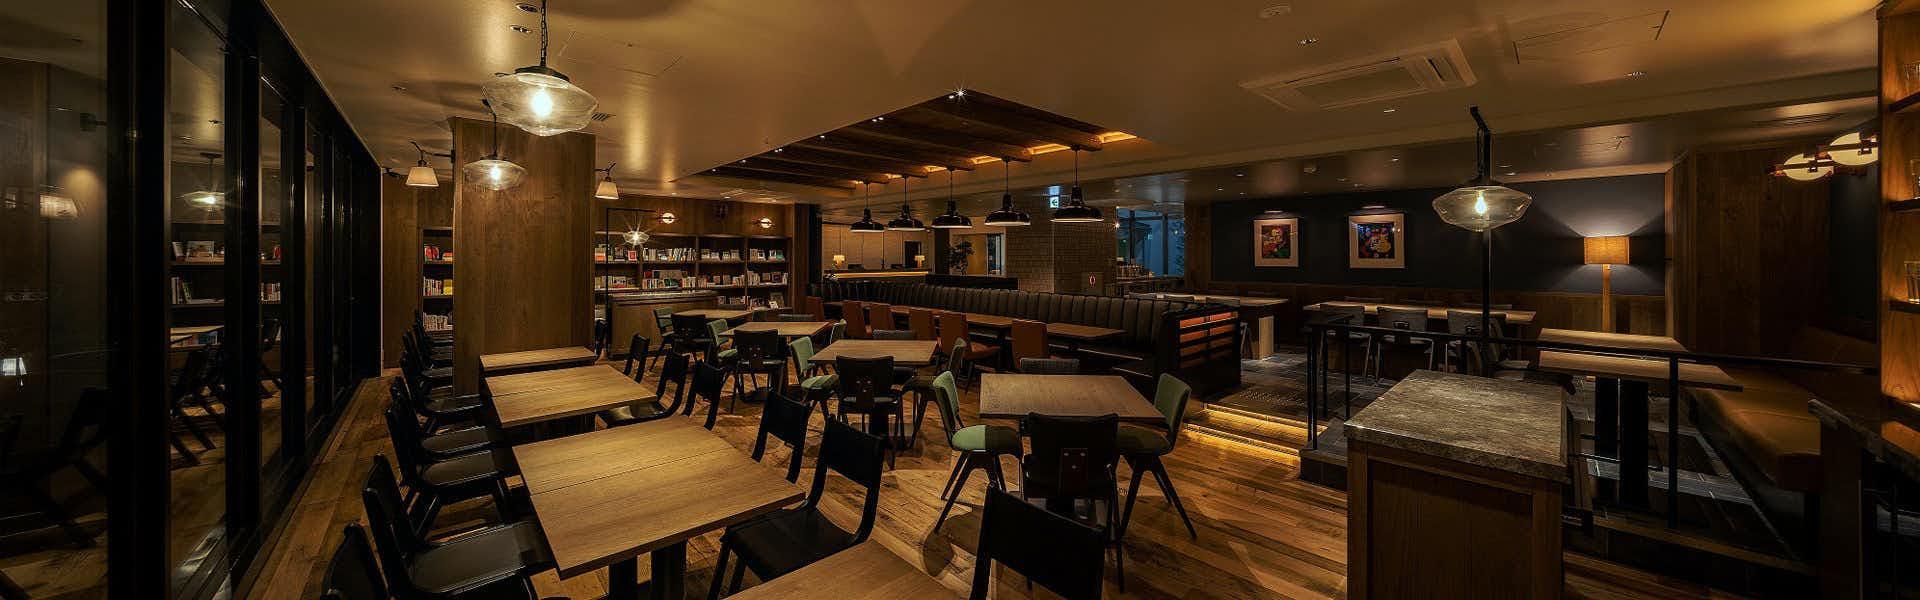 Lobby_Cafe